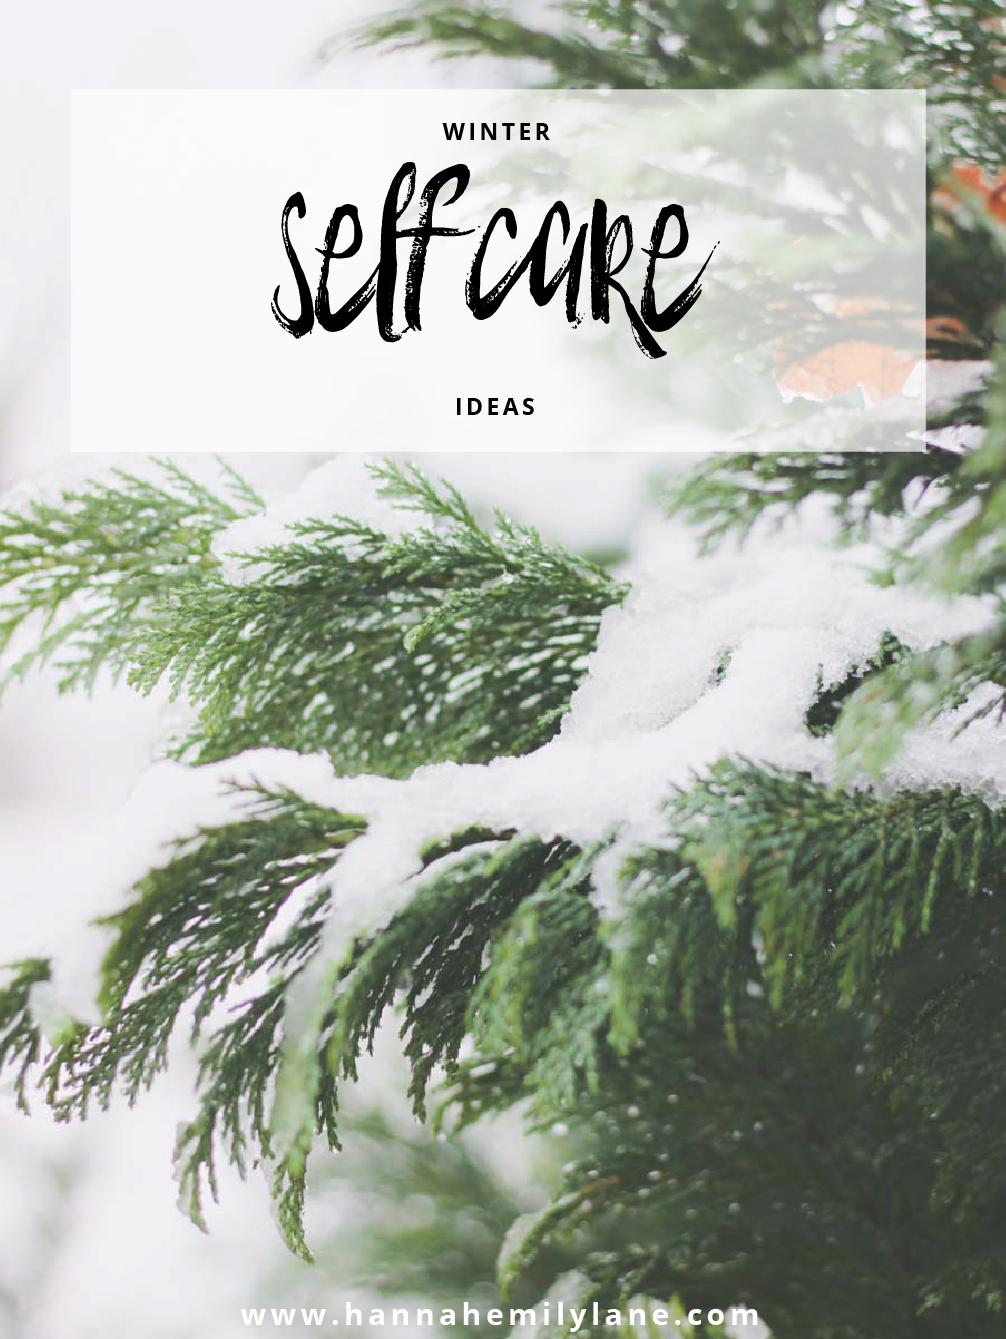 Self Care in Winter Guide   www.hannahemilylane.com